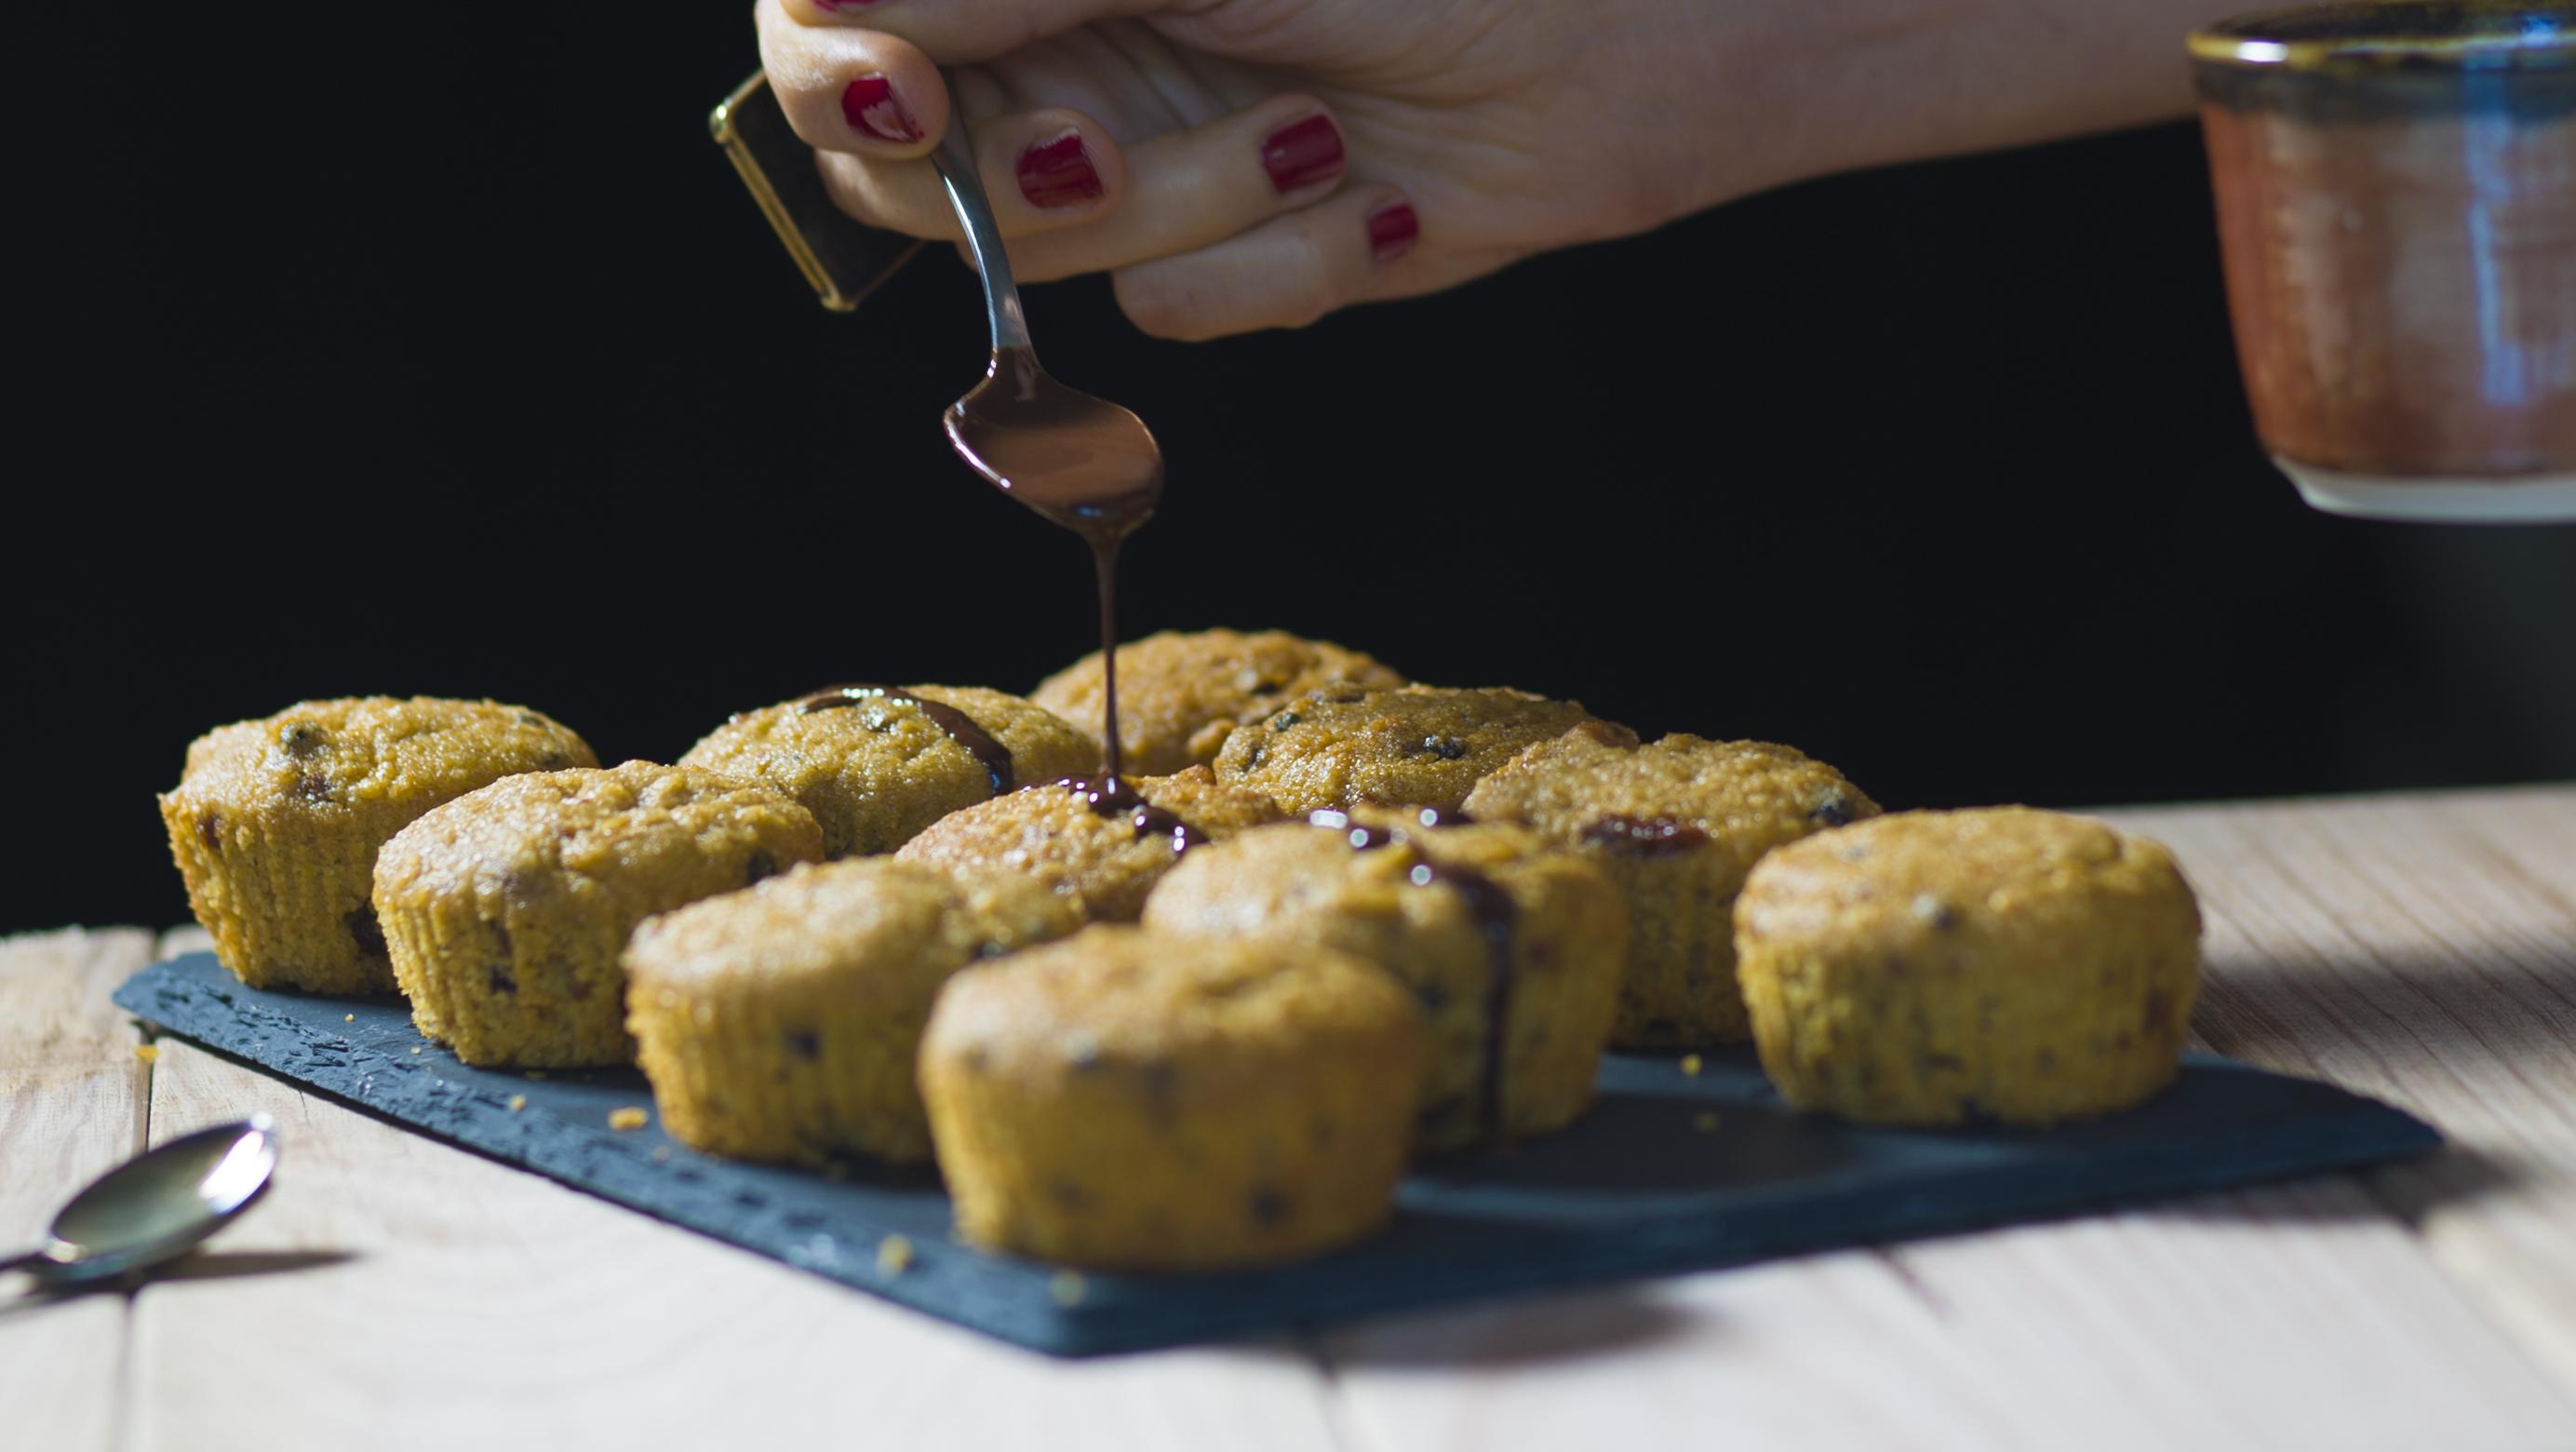 Hot 'fross' muffins